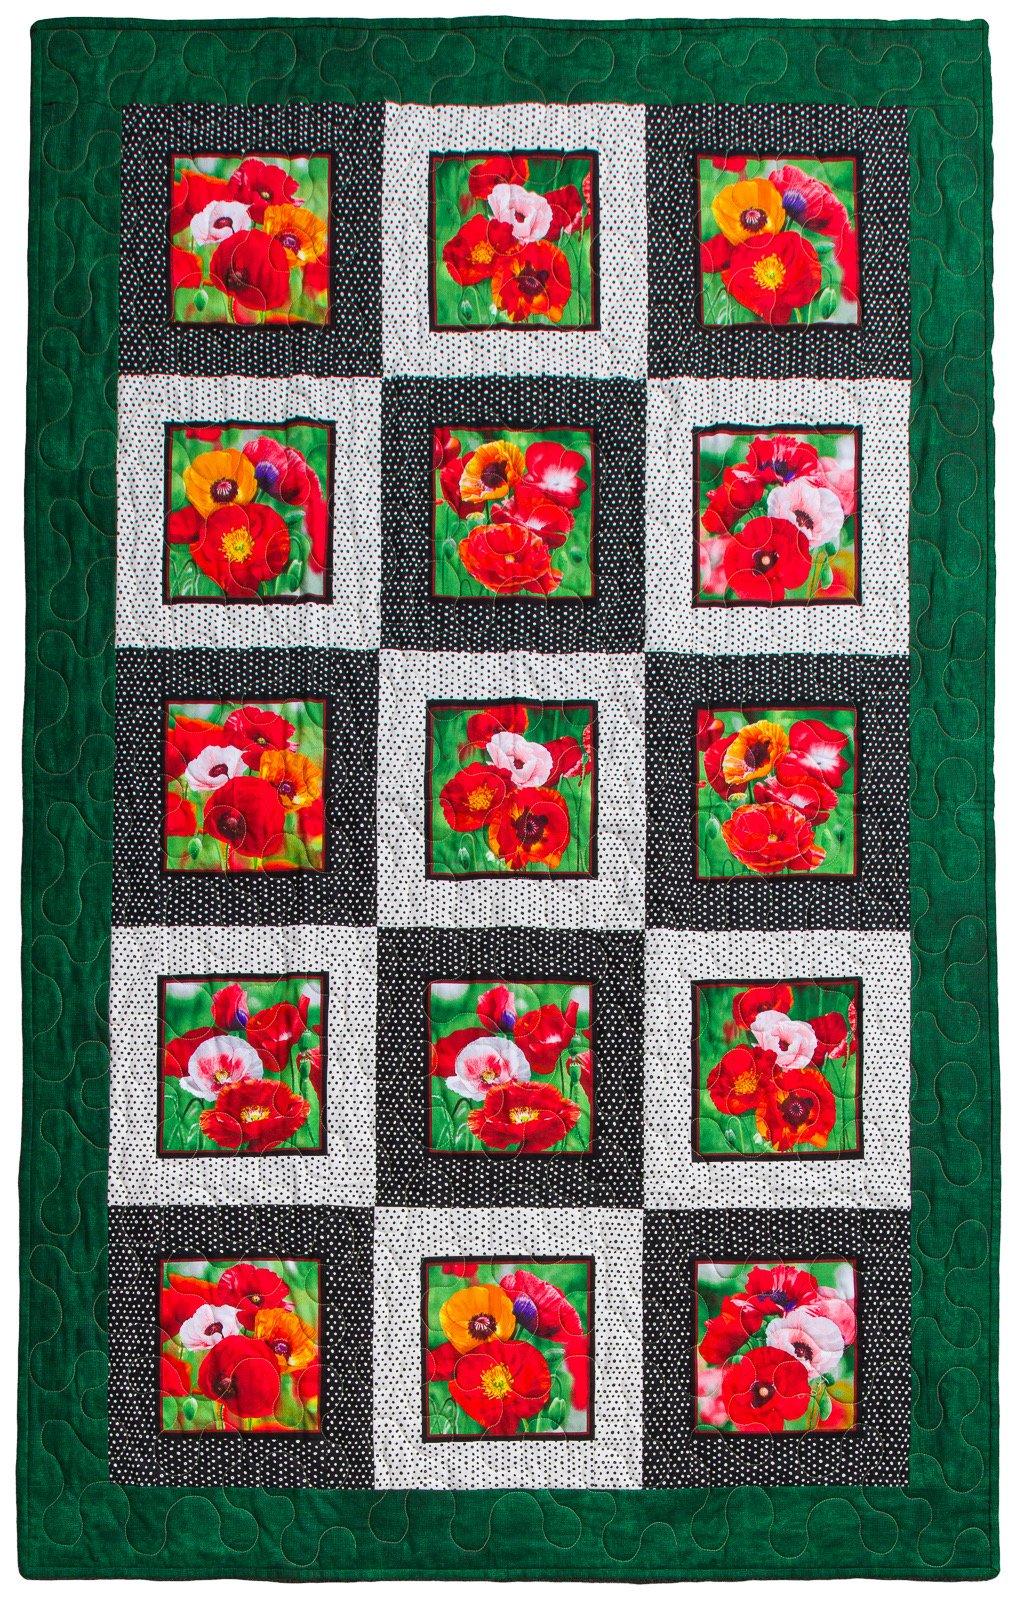 Poppy Panel